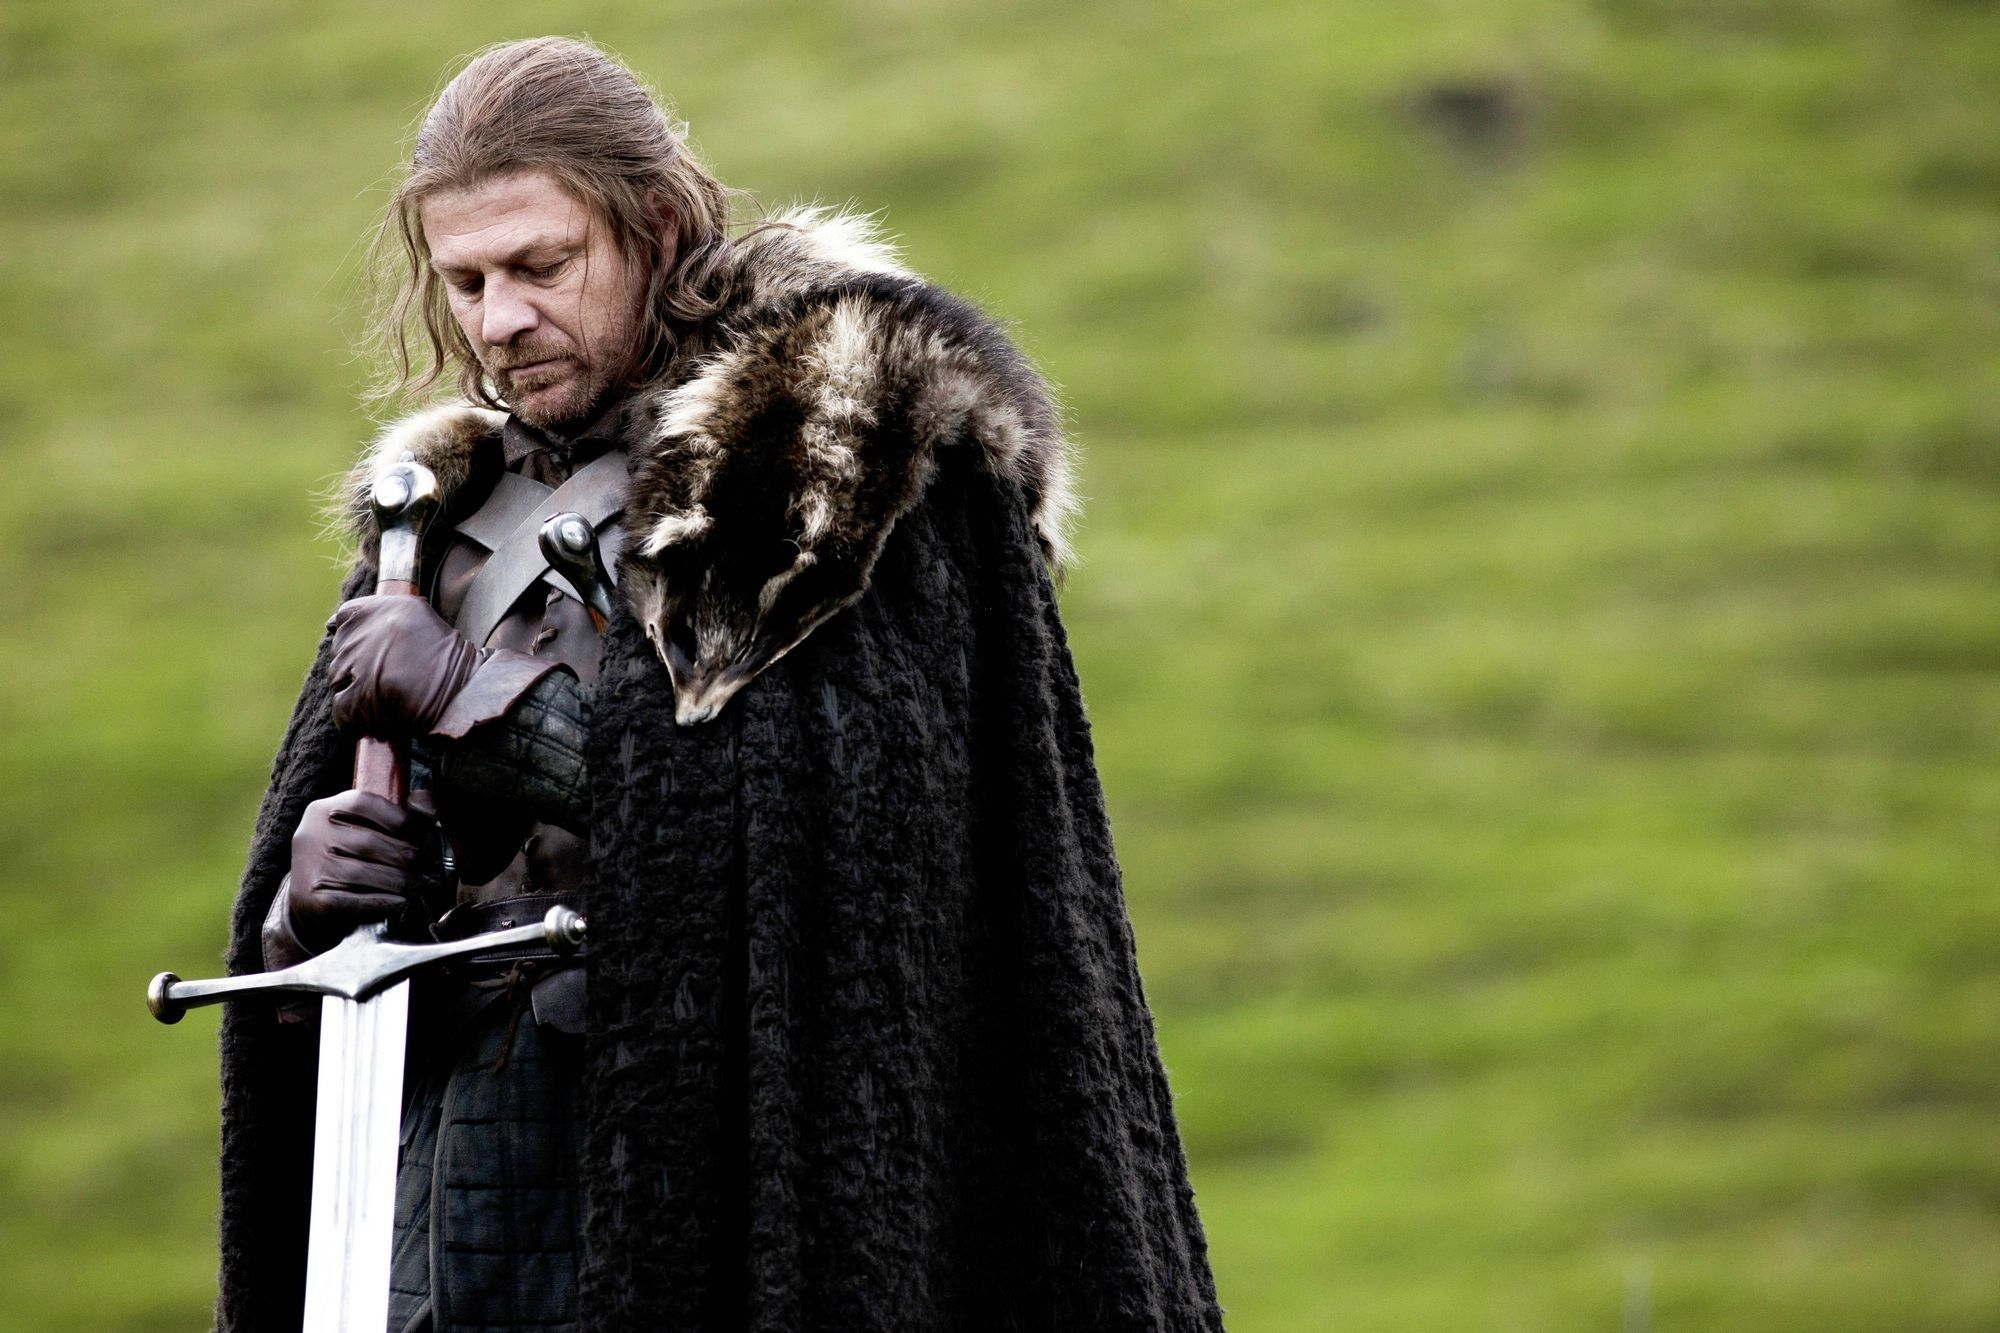 10139 - Frases de Juego de Tronos, ¿cuánto sabes de ellas?